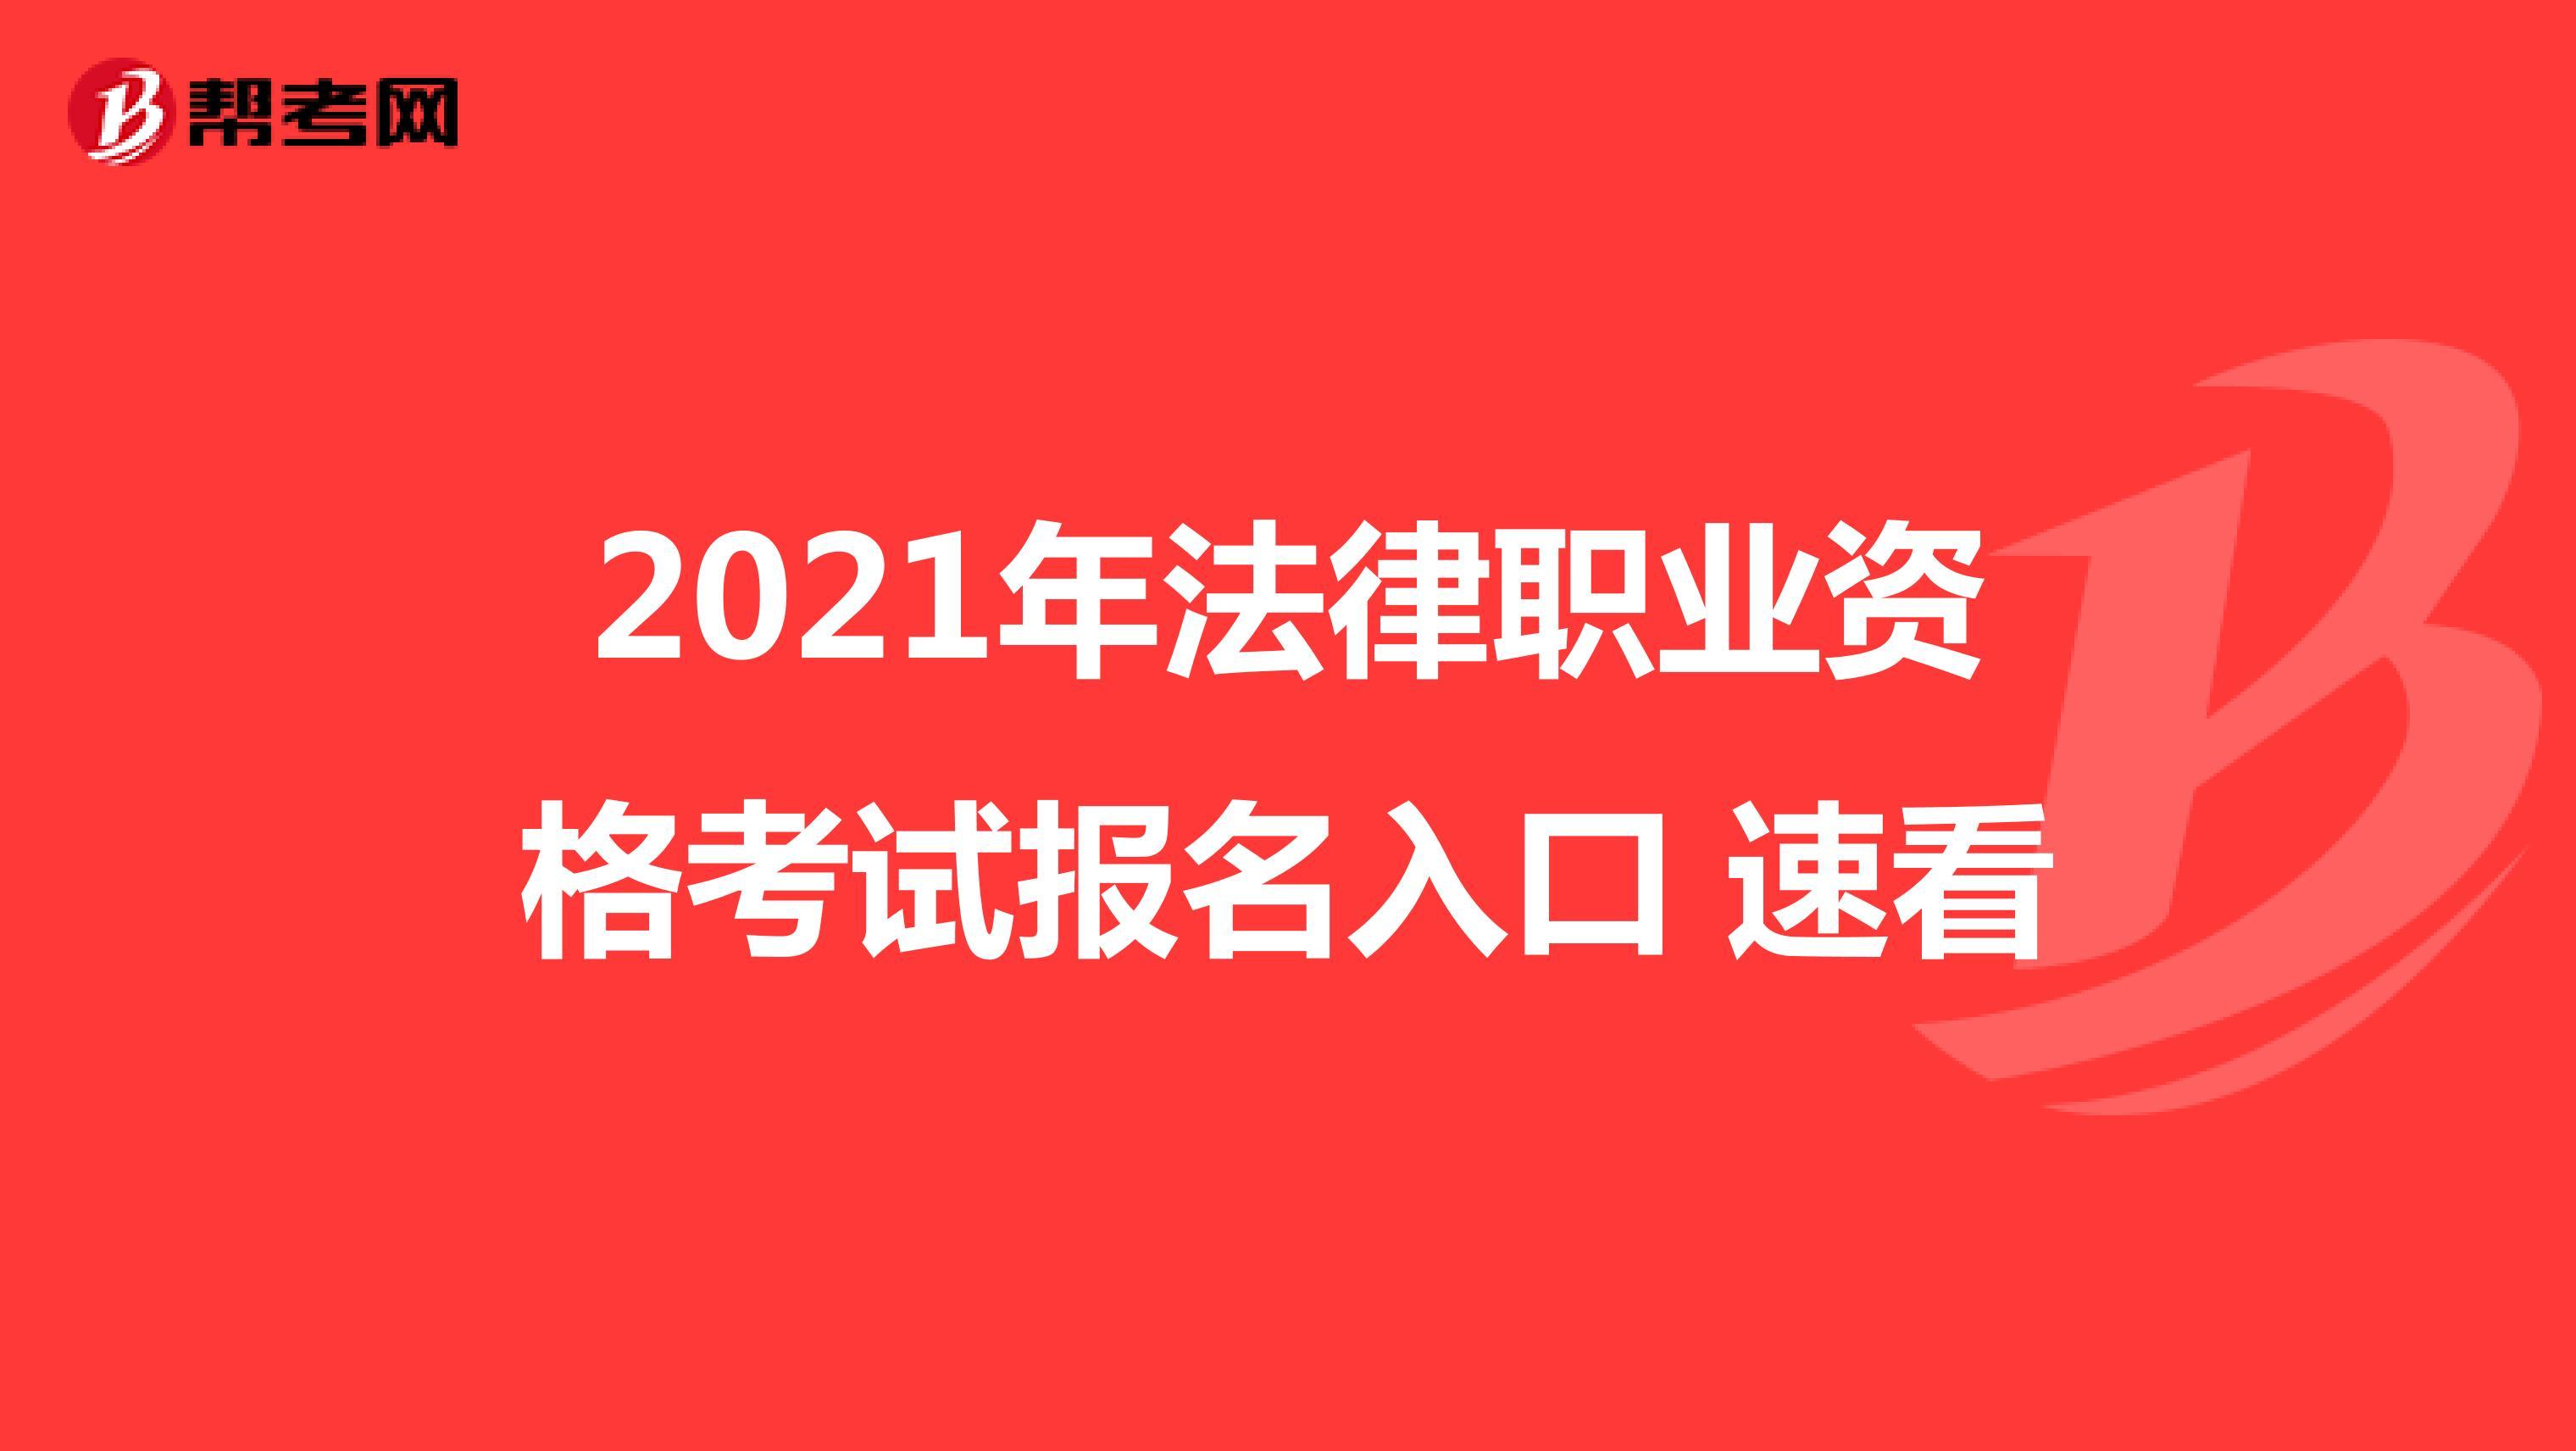 2021年法律职业资格考试报名入口 速看